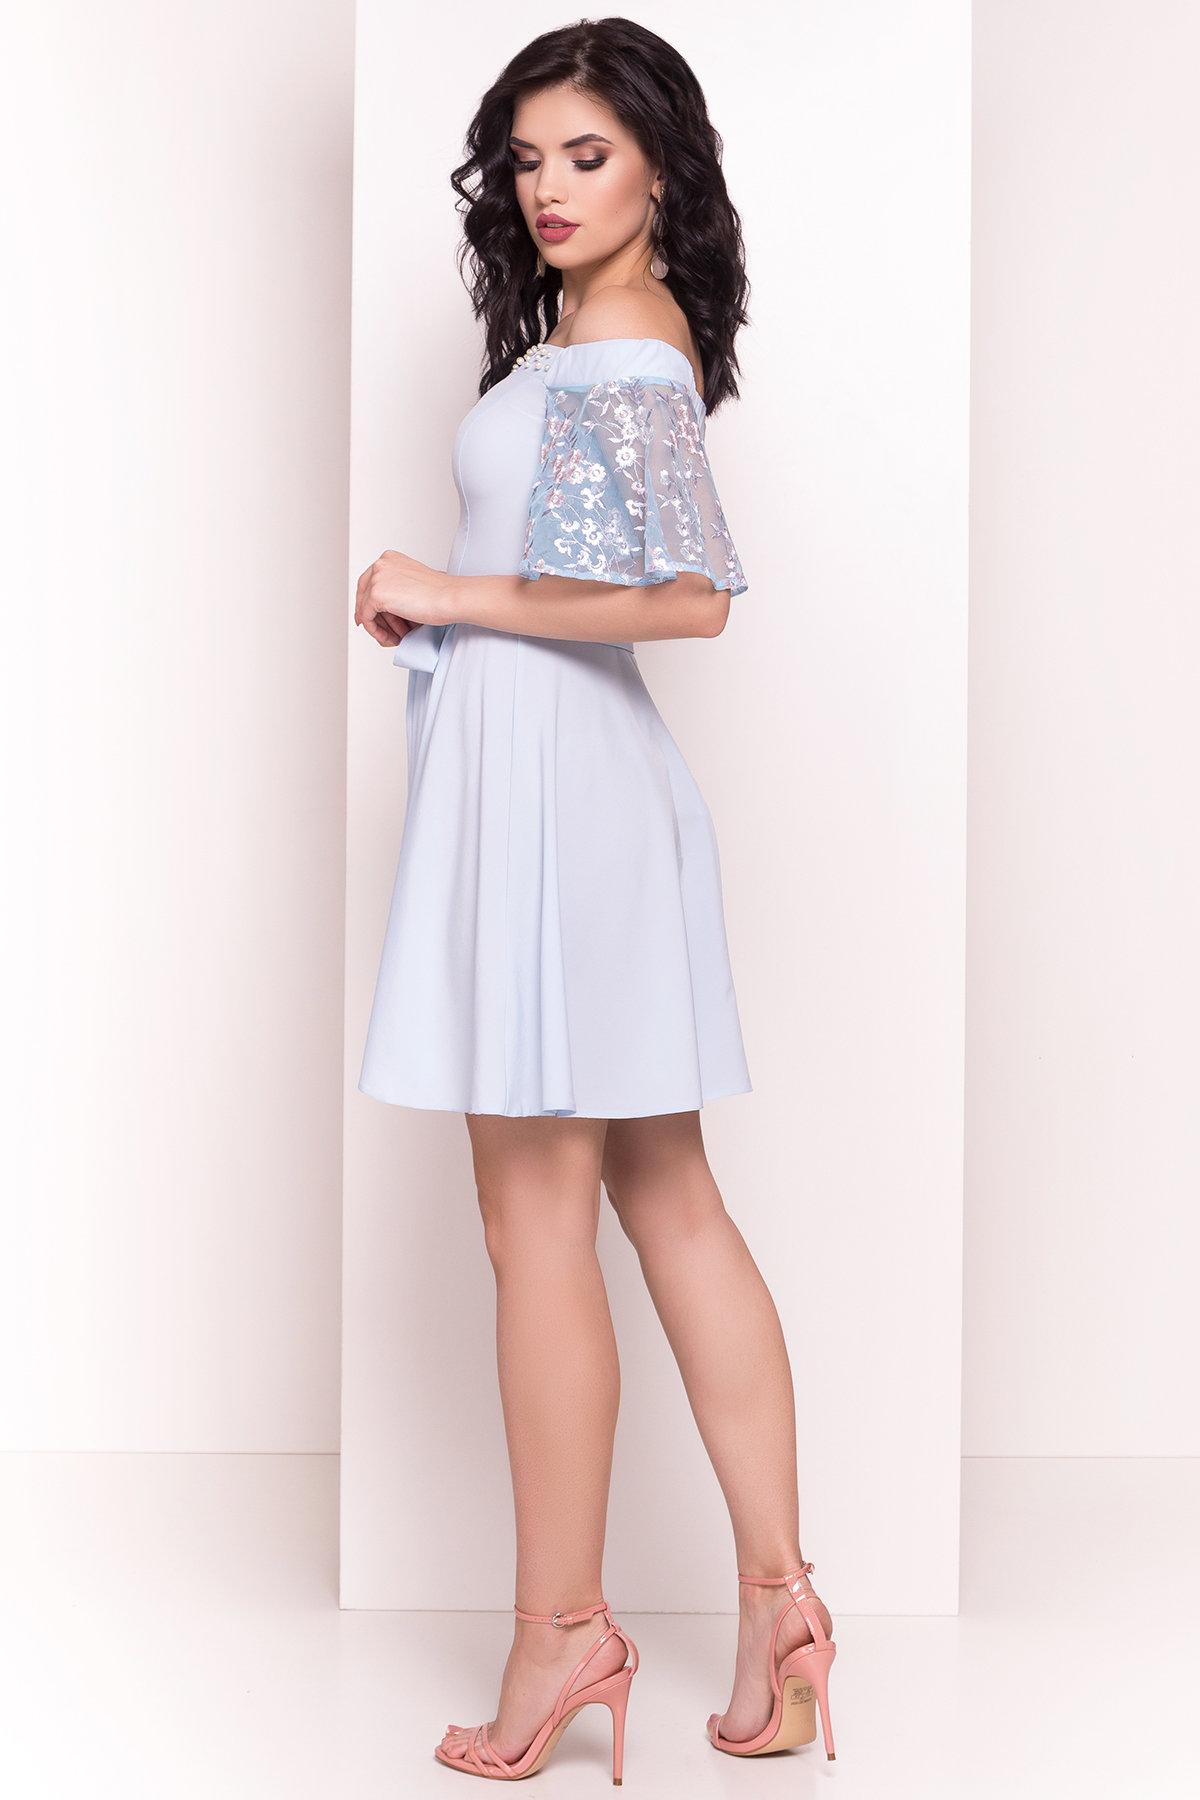 Платье Минхо 4958 АРТ. 35097 Цвет: Голубой - фото 3, интернет магазин tm-modus.ru